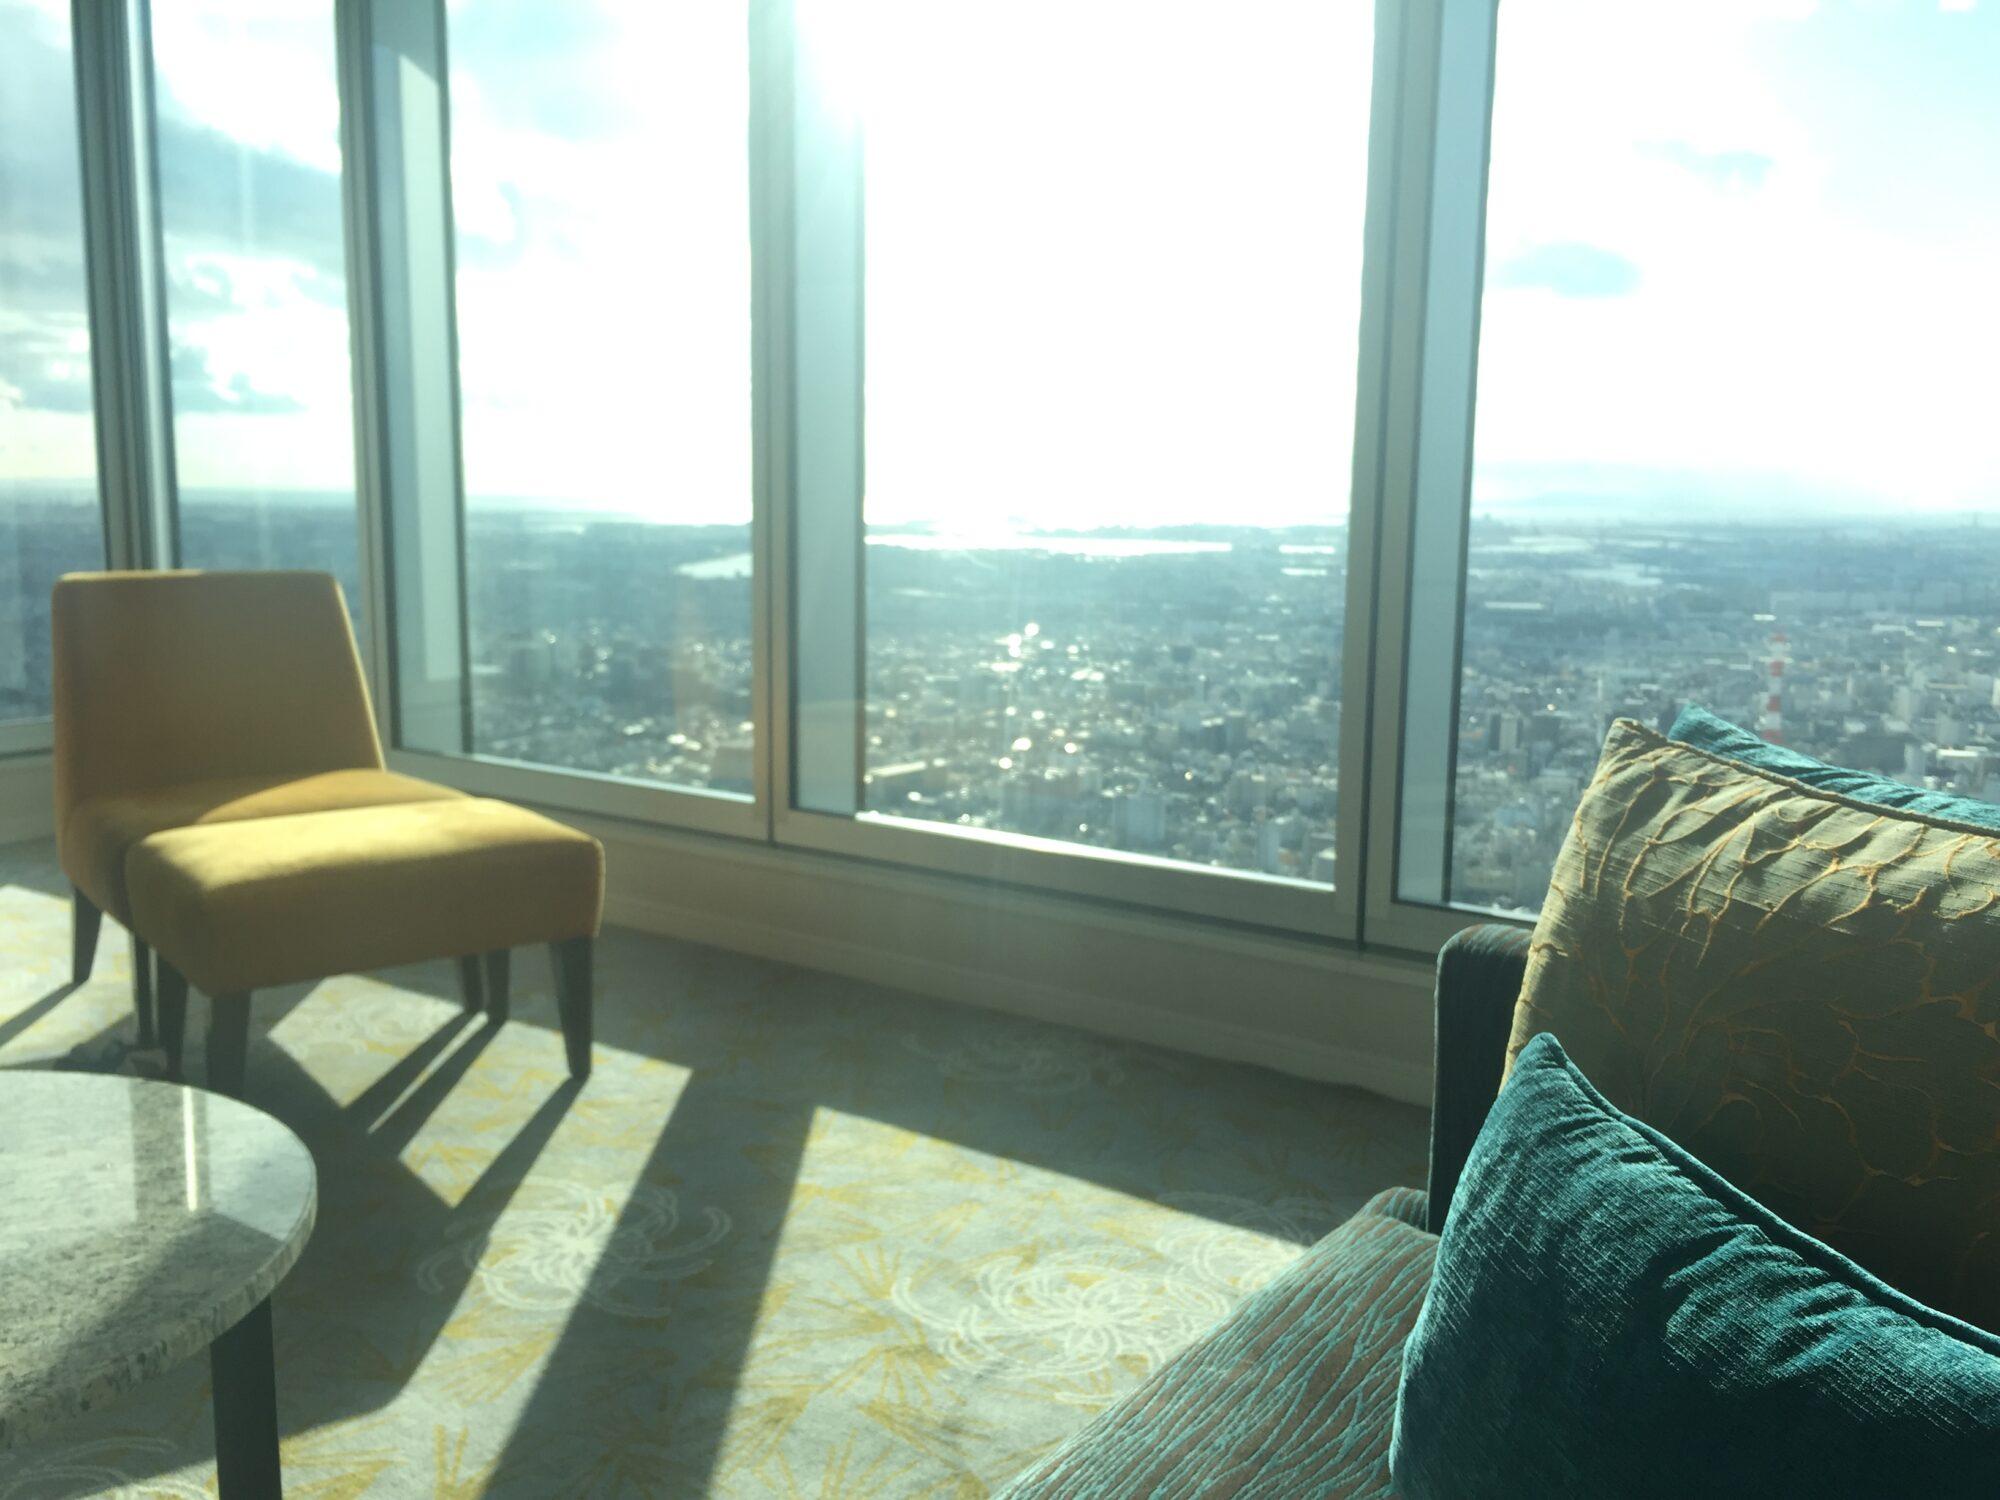 ニューオータニ、横浜ロイヤルパーク、名古屋マリオットを連泊してみた感想。